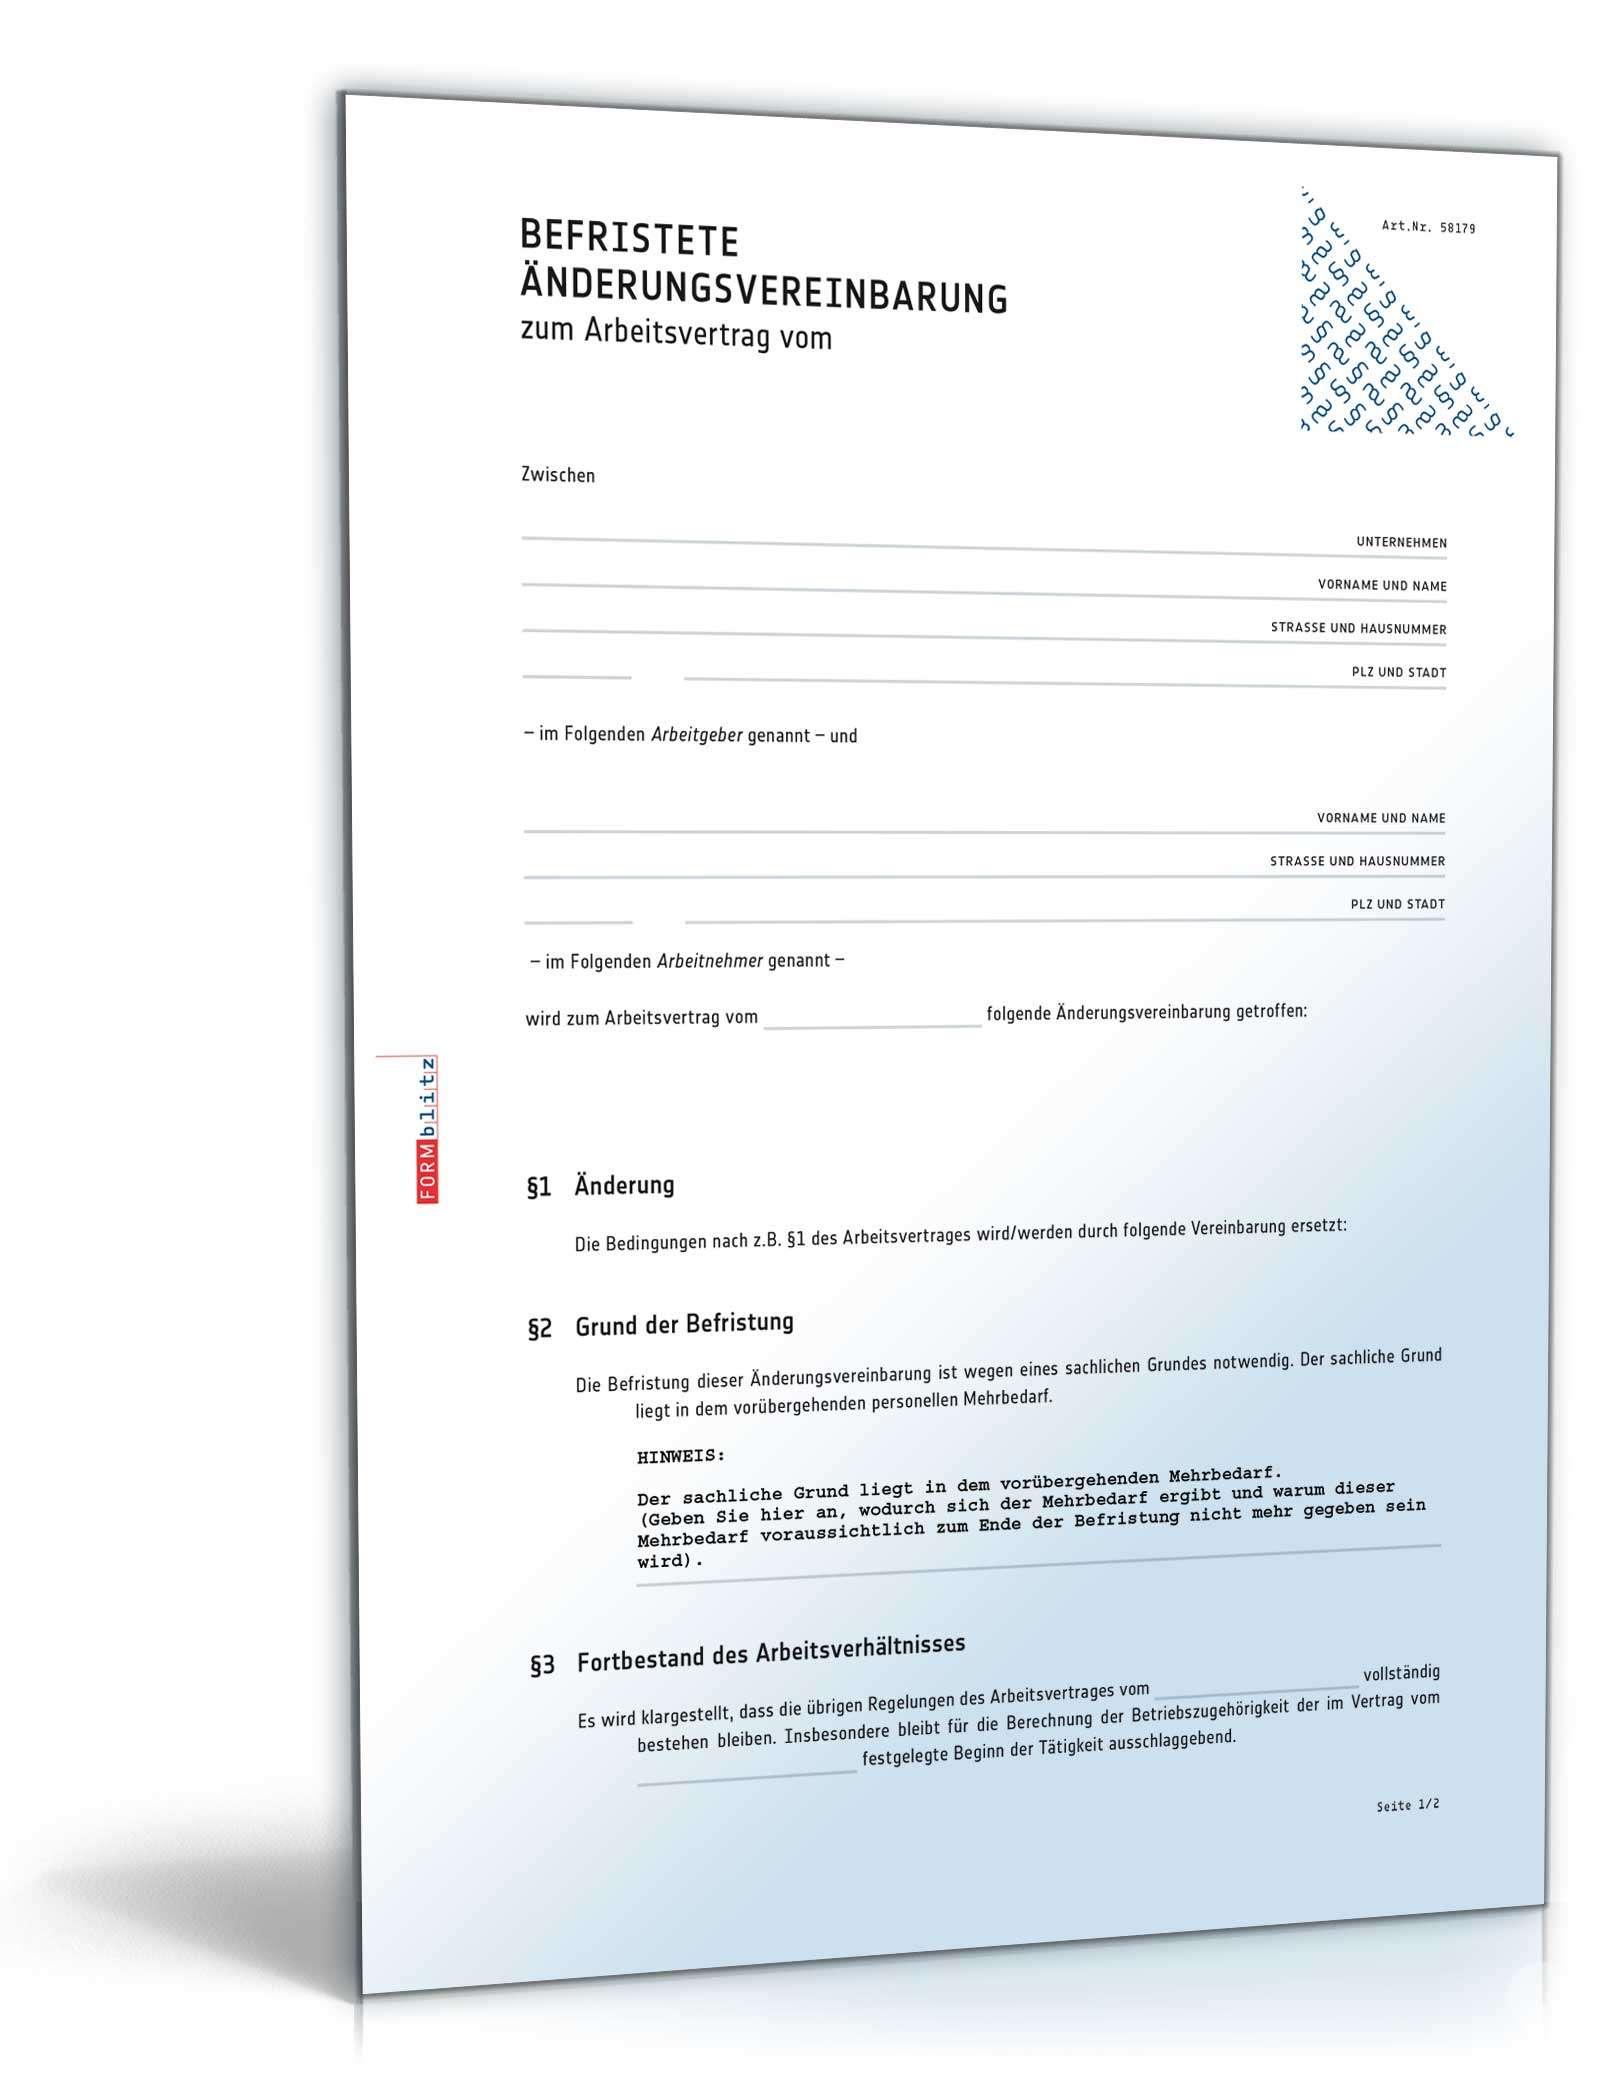 befristete nderungsvereinbarung muster zum download - Anderung Arbeitsvertrag Muster